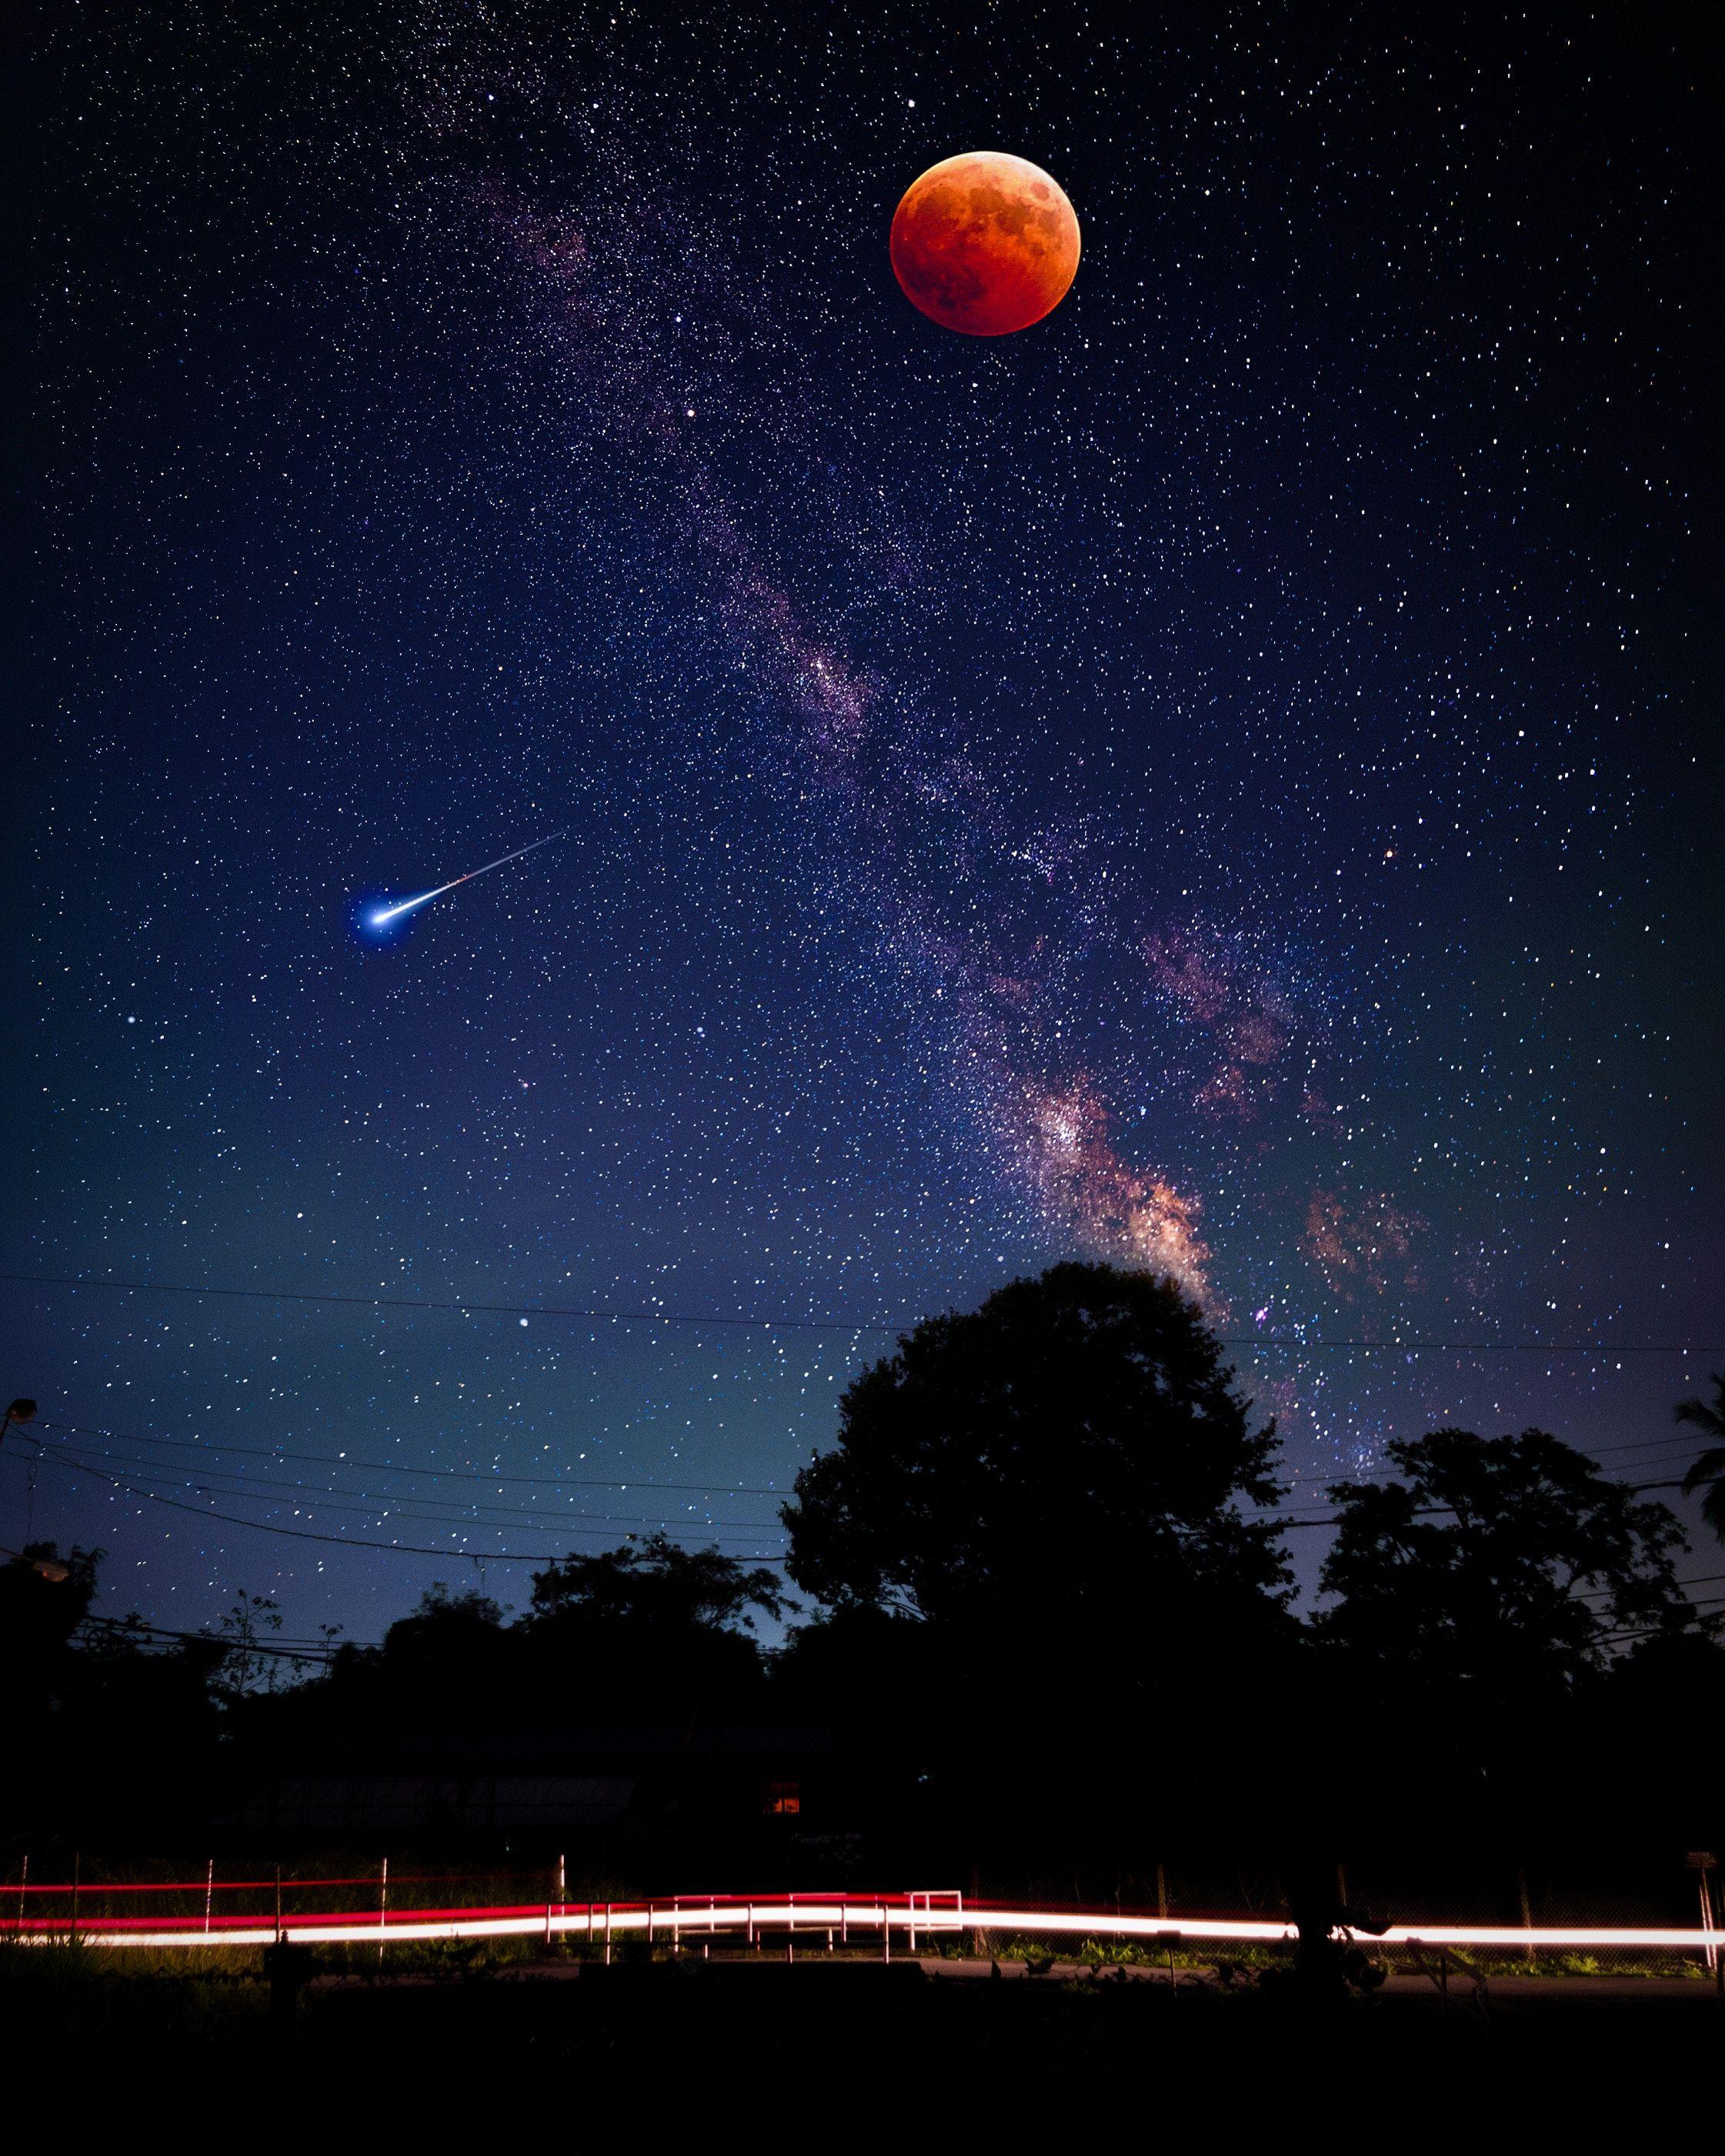 луна звезды небо фото размеров